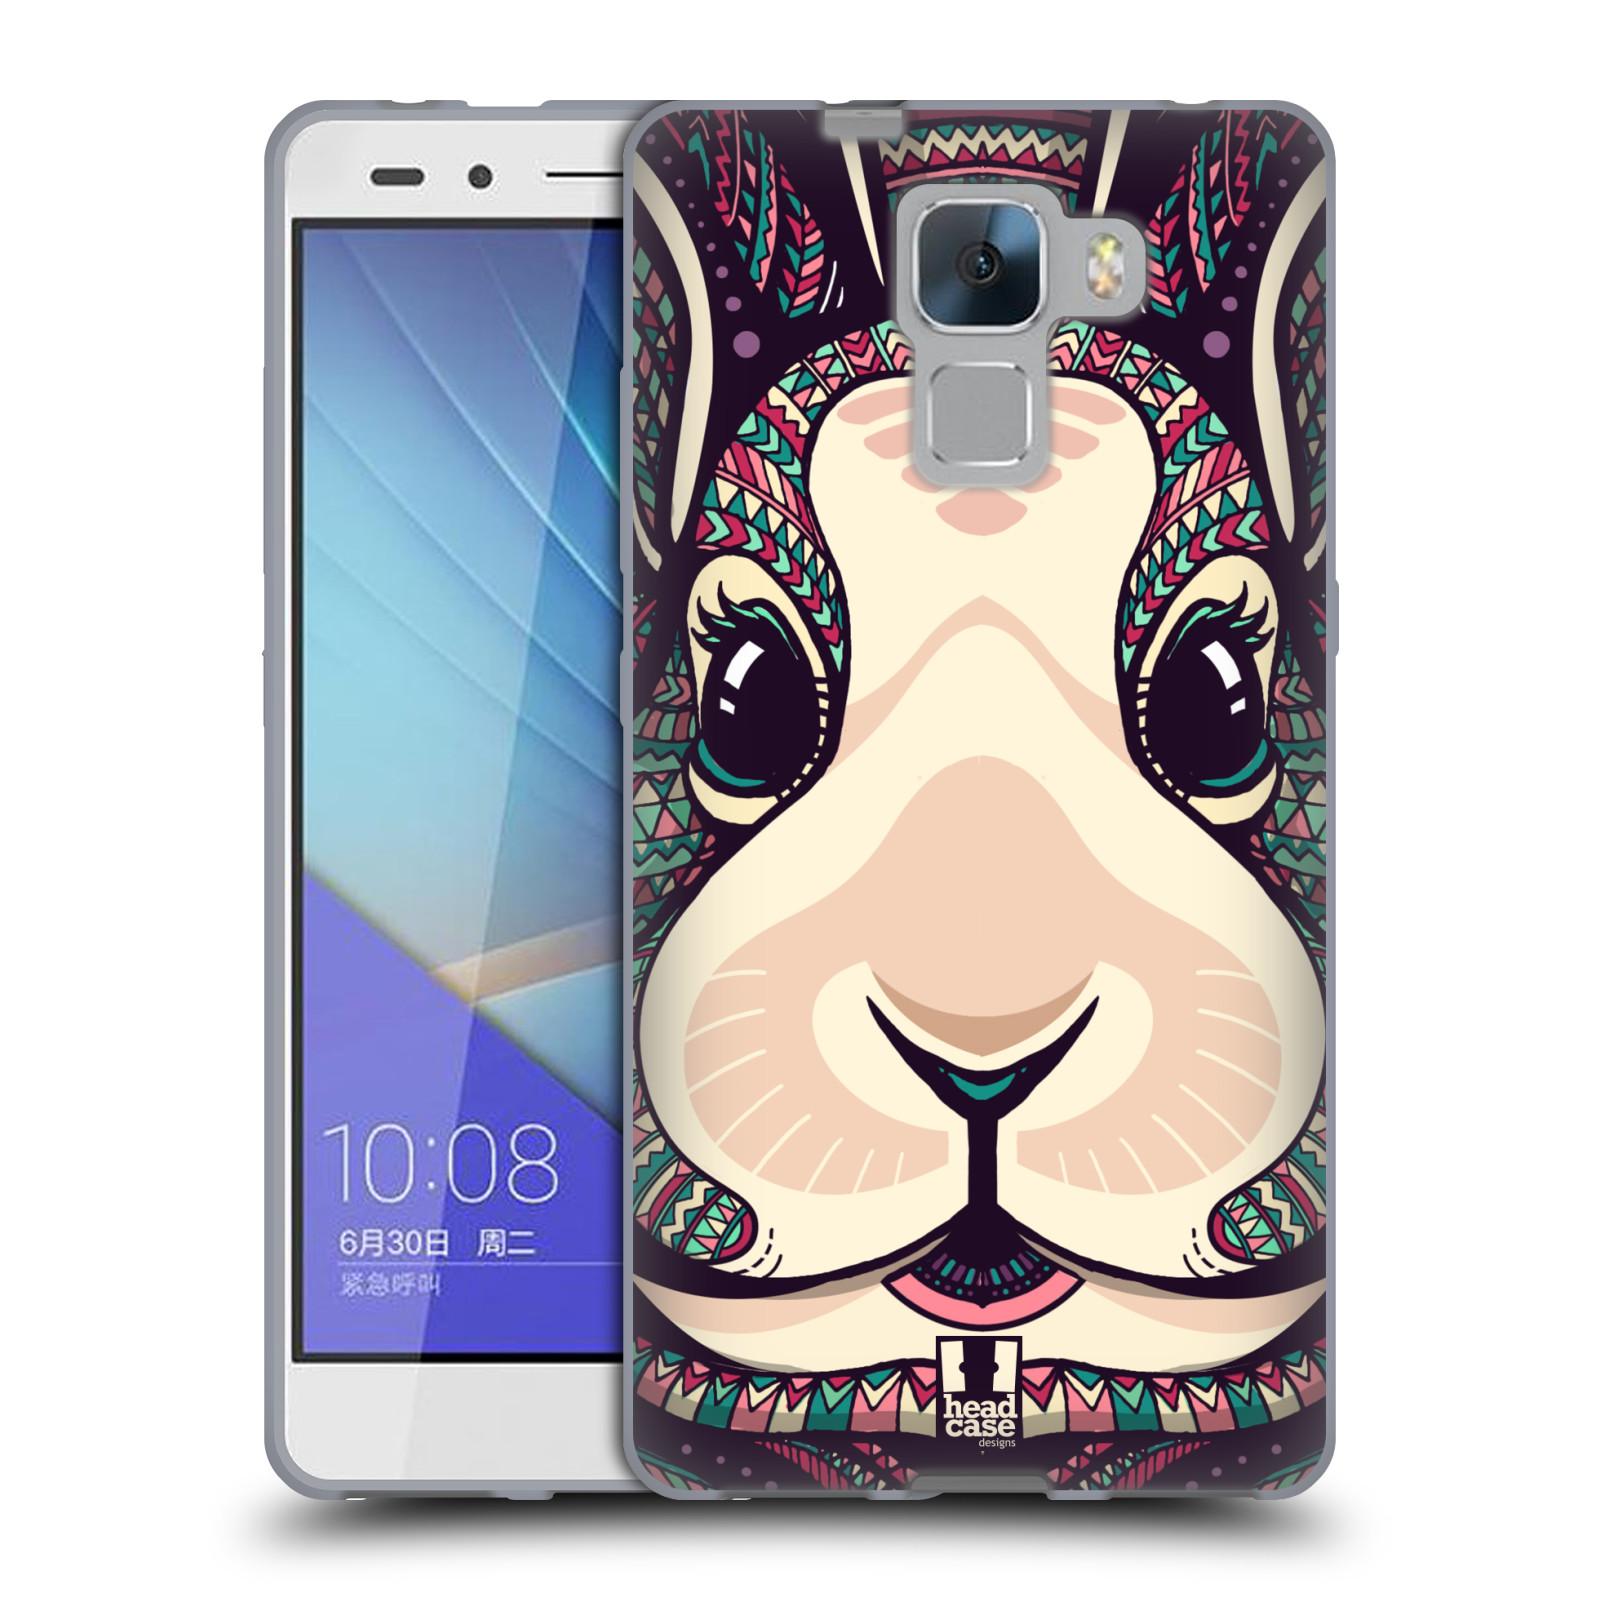 Silikonové pouzdro na mobil Honor 7 HEAD CASE AZTEC ZAJÍČEK